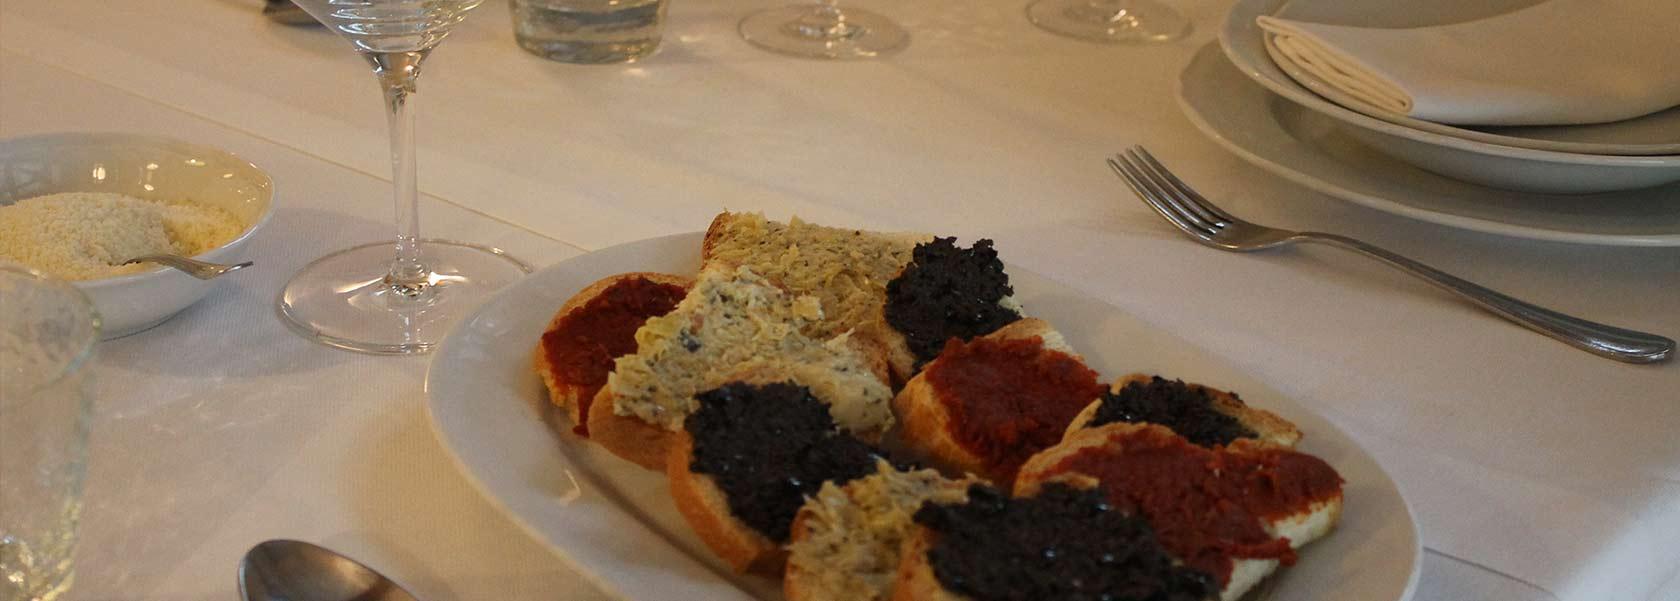 crostini-antipasto-sul-tavolo-del-ristorante